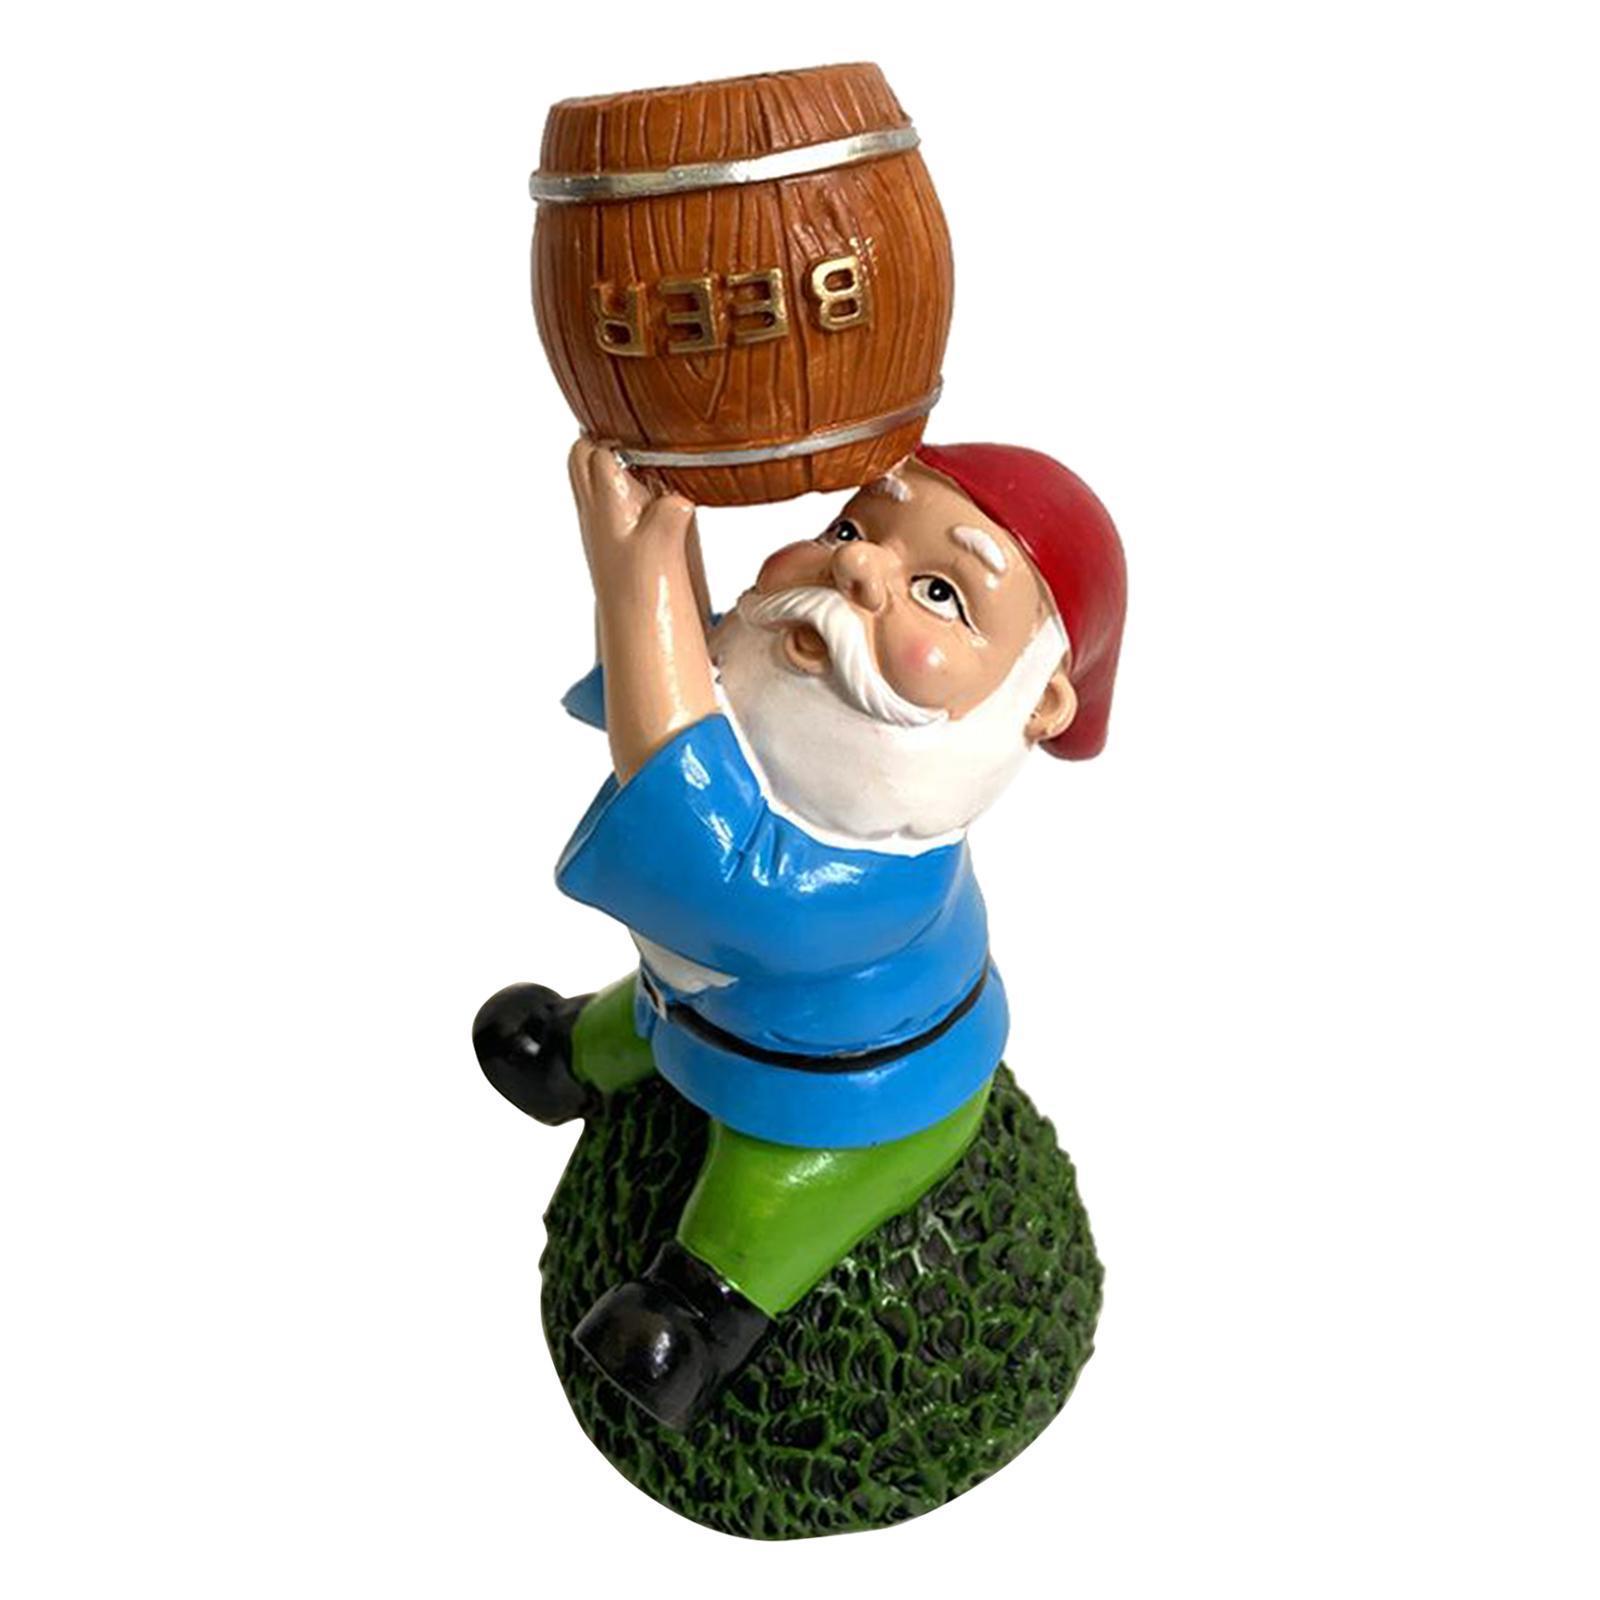 thumbnail 21 - Garden Gnome Polyresin Garden Sculpture Outdoor/Indoor Decor Funny Lawn Figurine